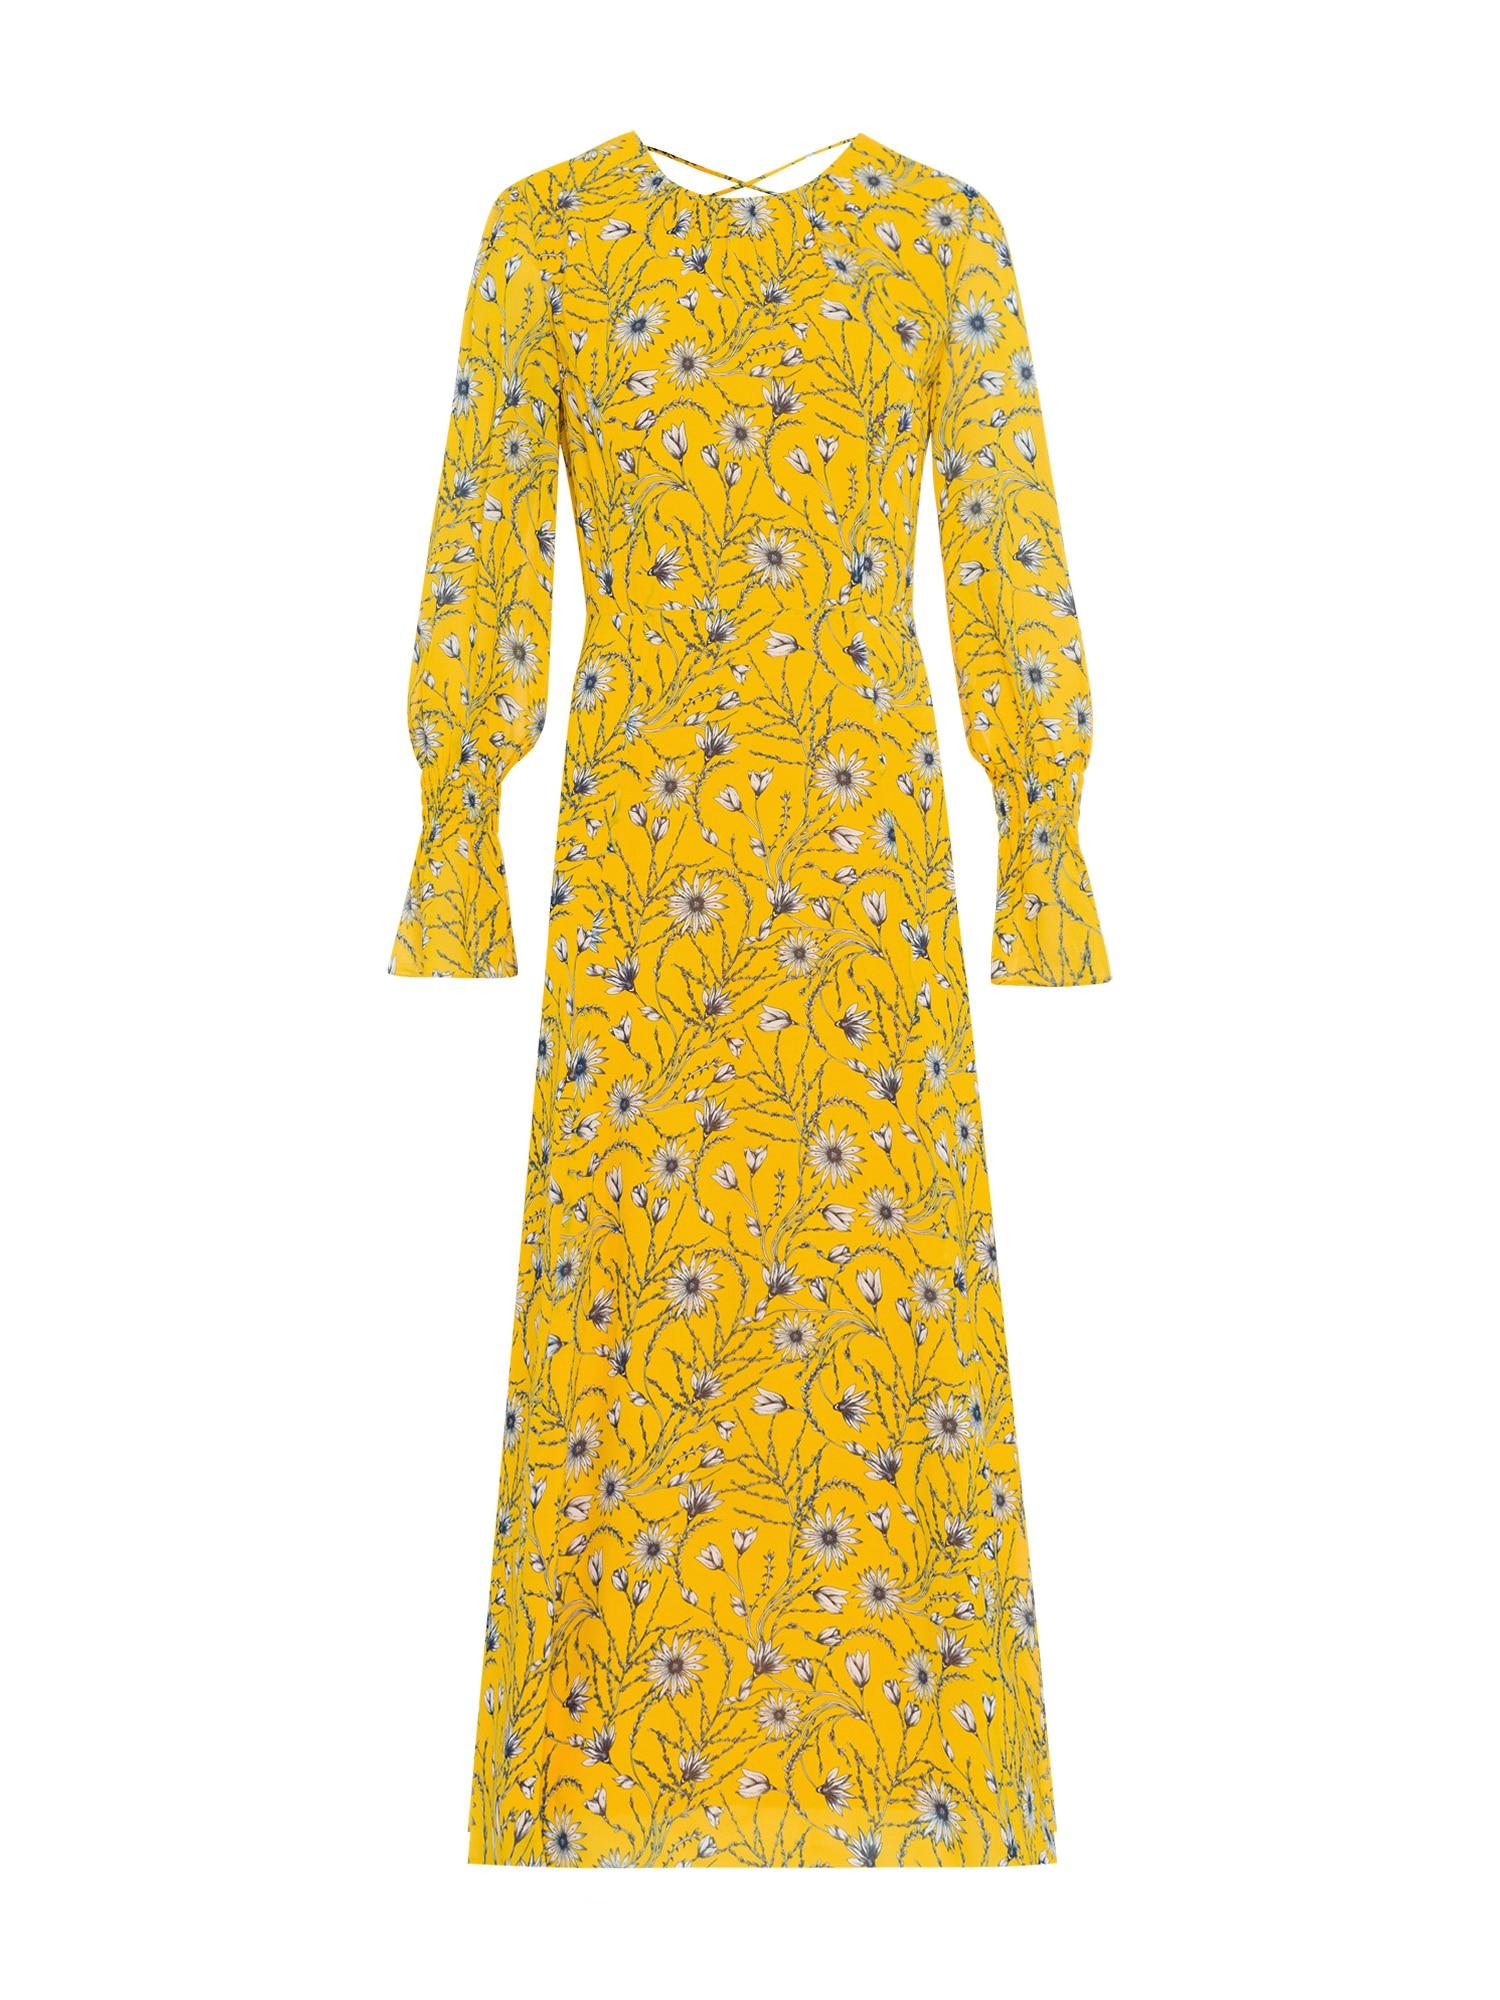 Letní šaty Chiffon Midi Dress žlutá mix barev IVY & OAK